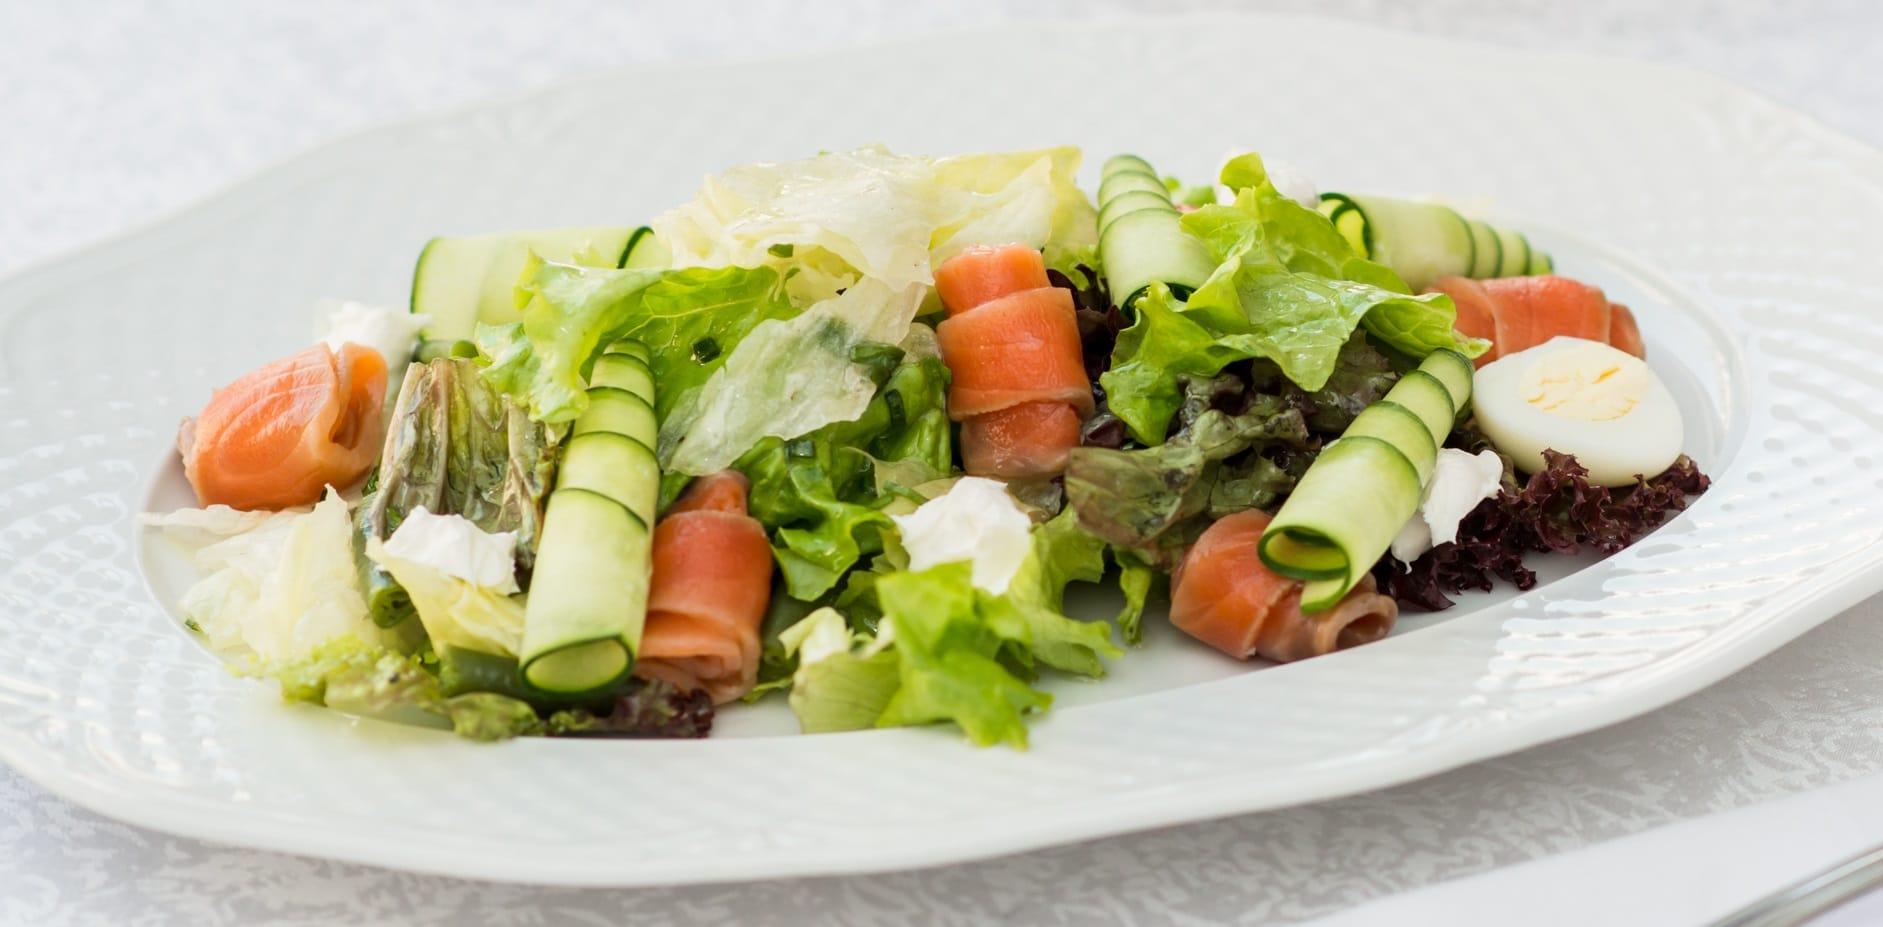 Праздничный салат со слабосоленой форелью